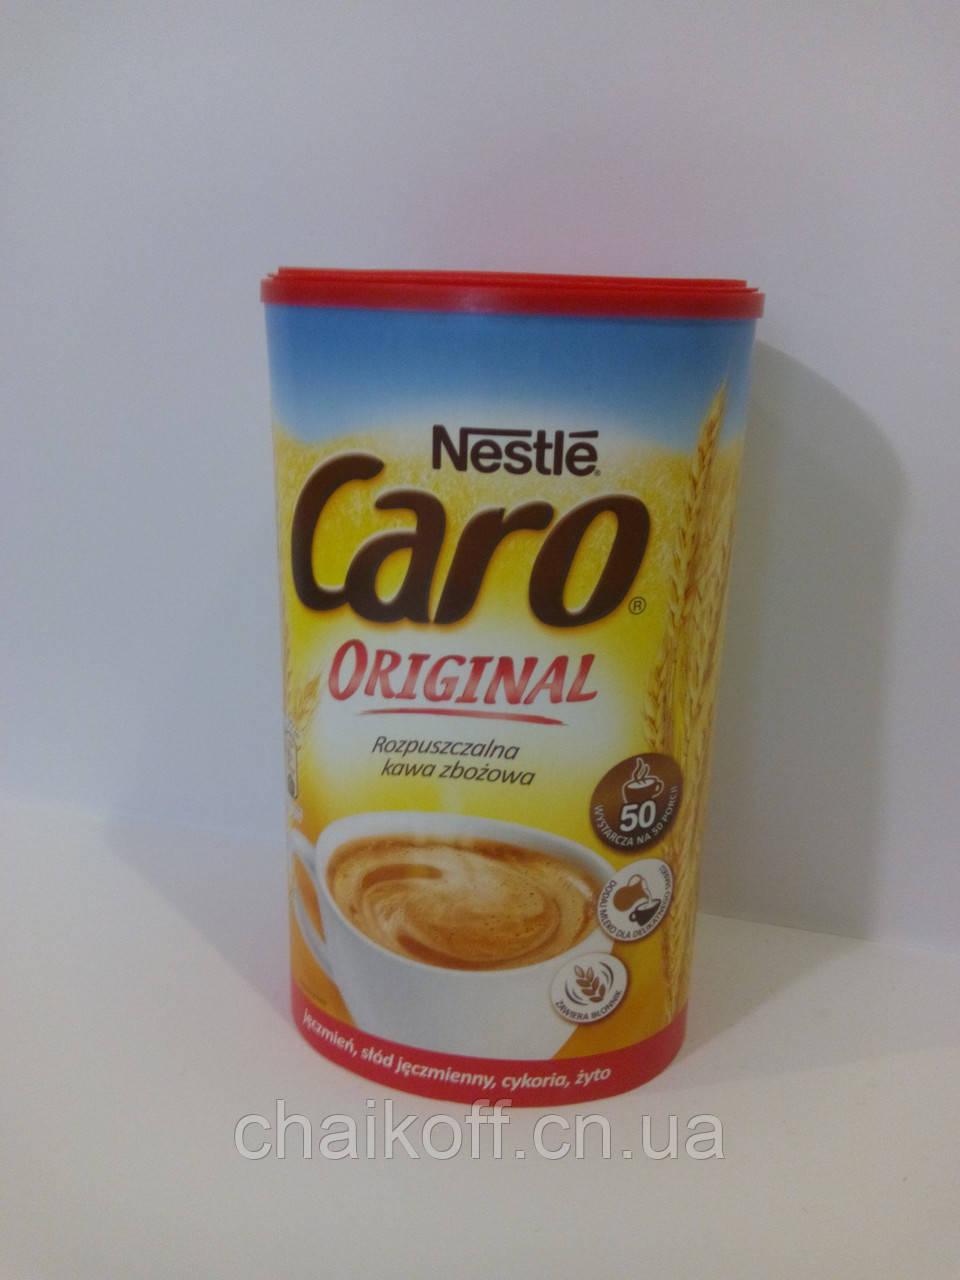 Кава розчинна з злаків Nestle Caro Original 200g (шт.)